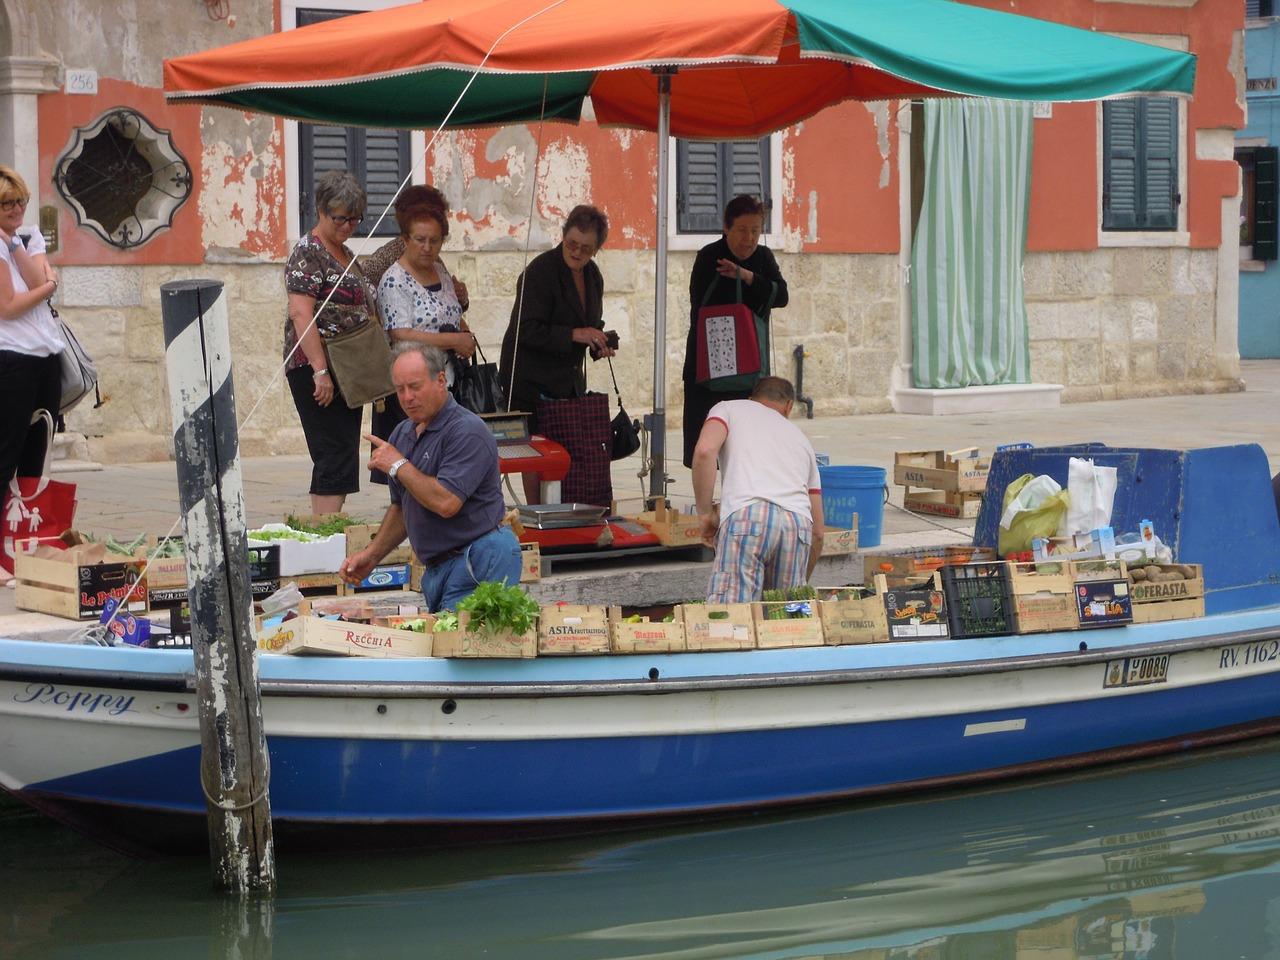 Venice overtourism